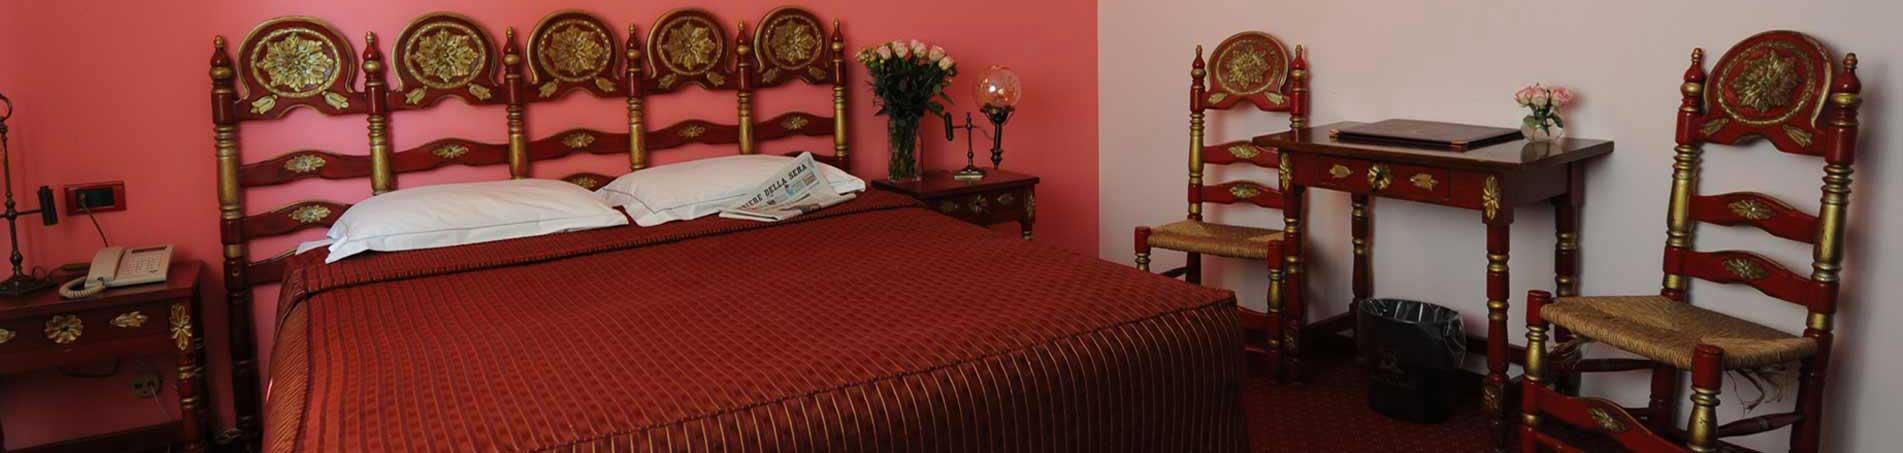 Dormire a Bergamo